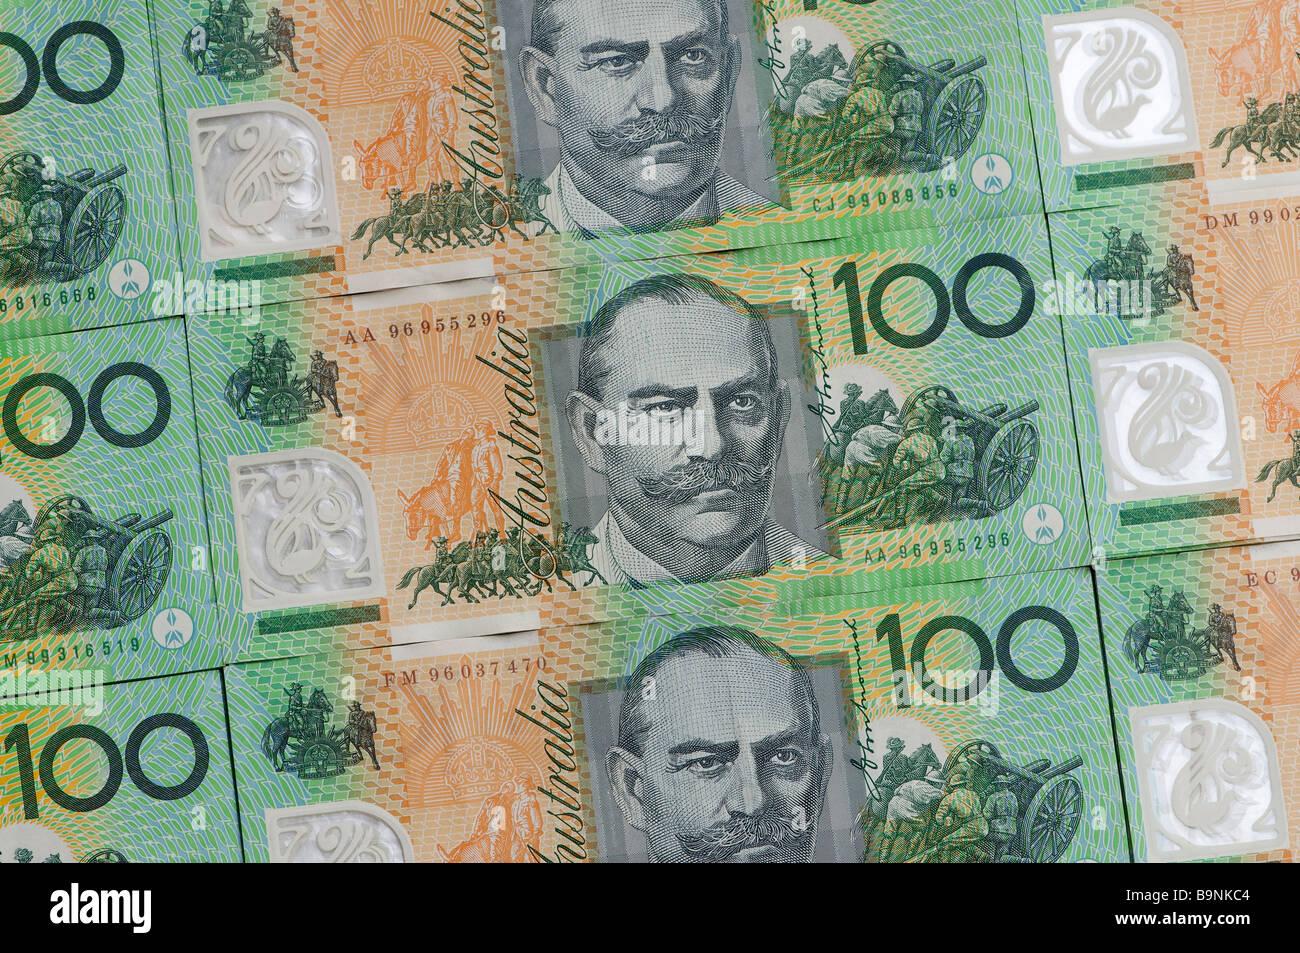 Australian one hundred dollar notes - Stock Image